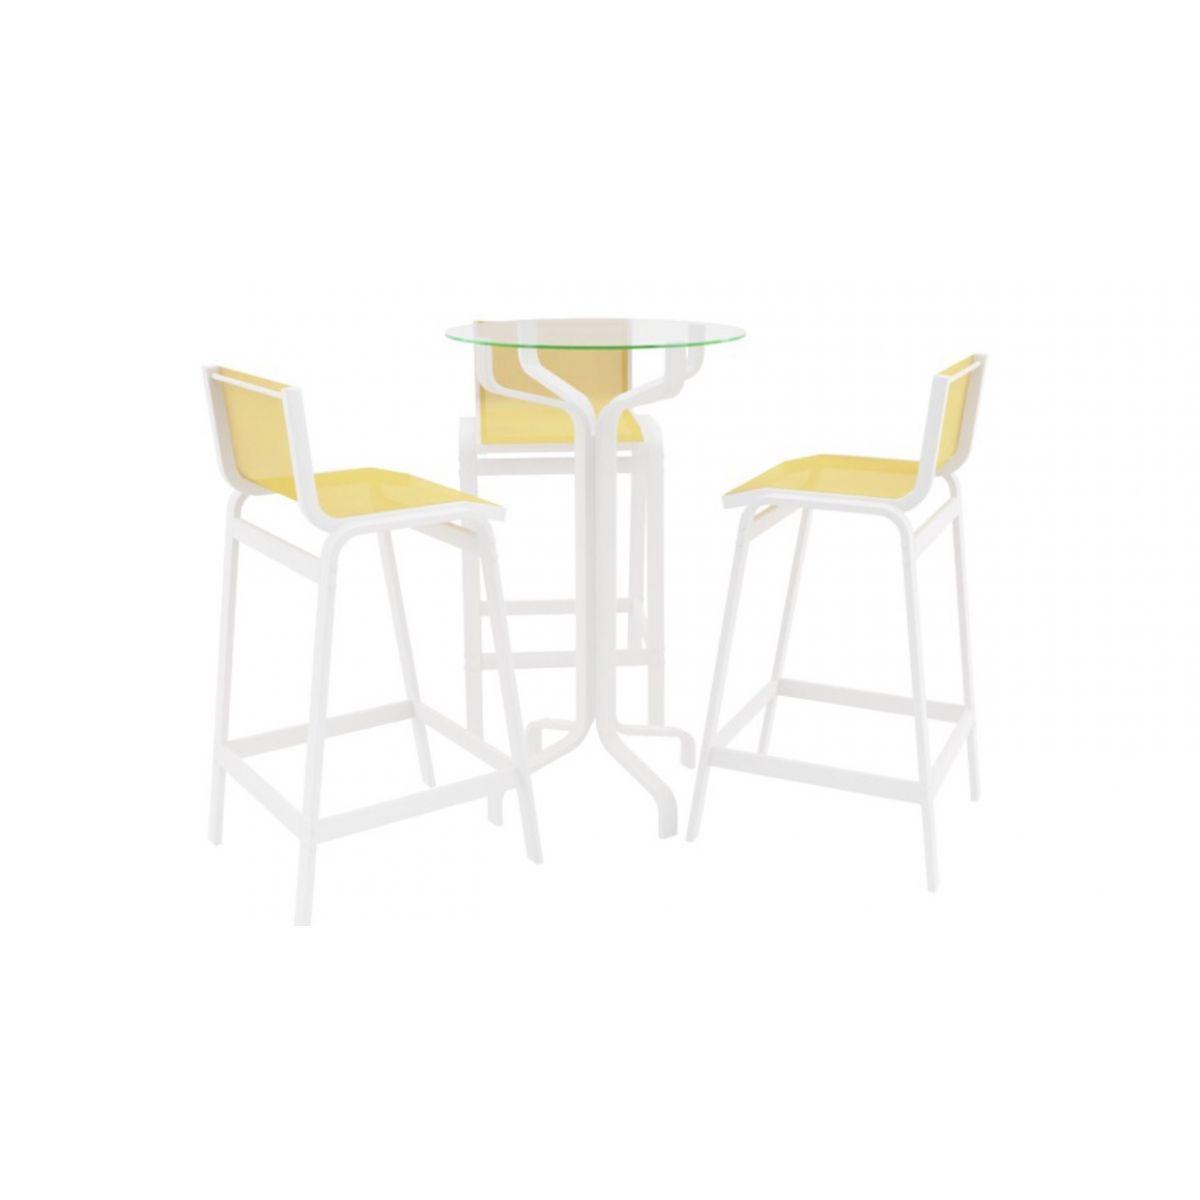 Conjunto 3 Banquetas Alta de Alumínio Cozinha, Sala, Sala de Jantar, Jardim